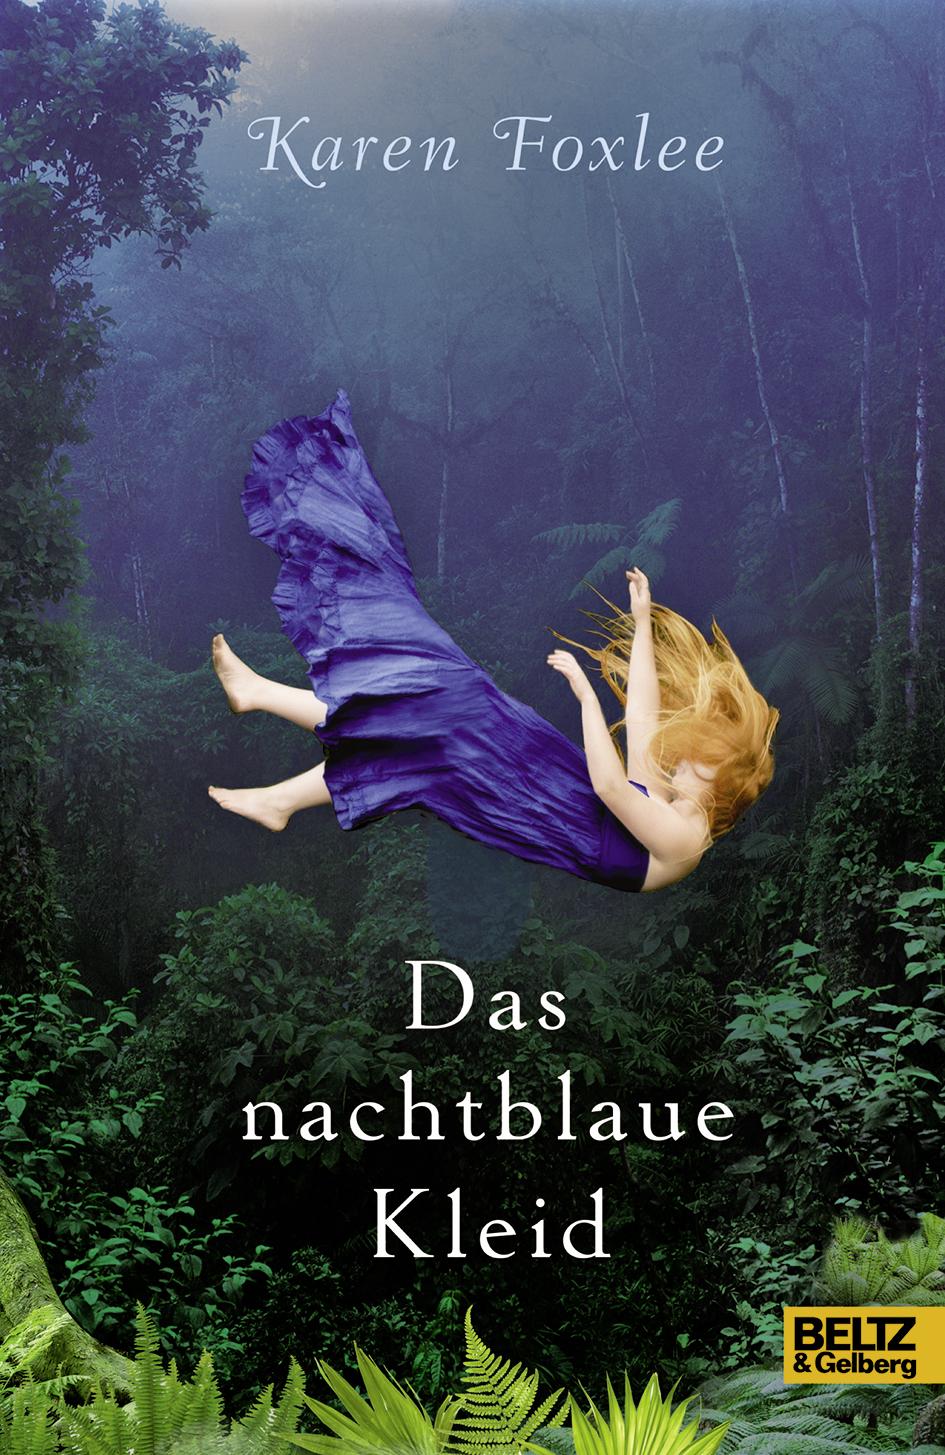 Frontcover_Das_nachtblaue_Kleid